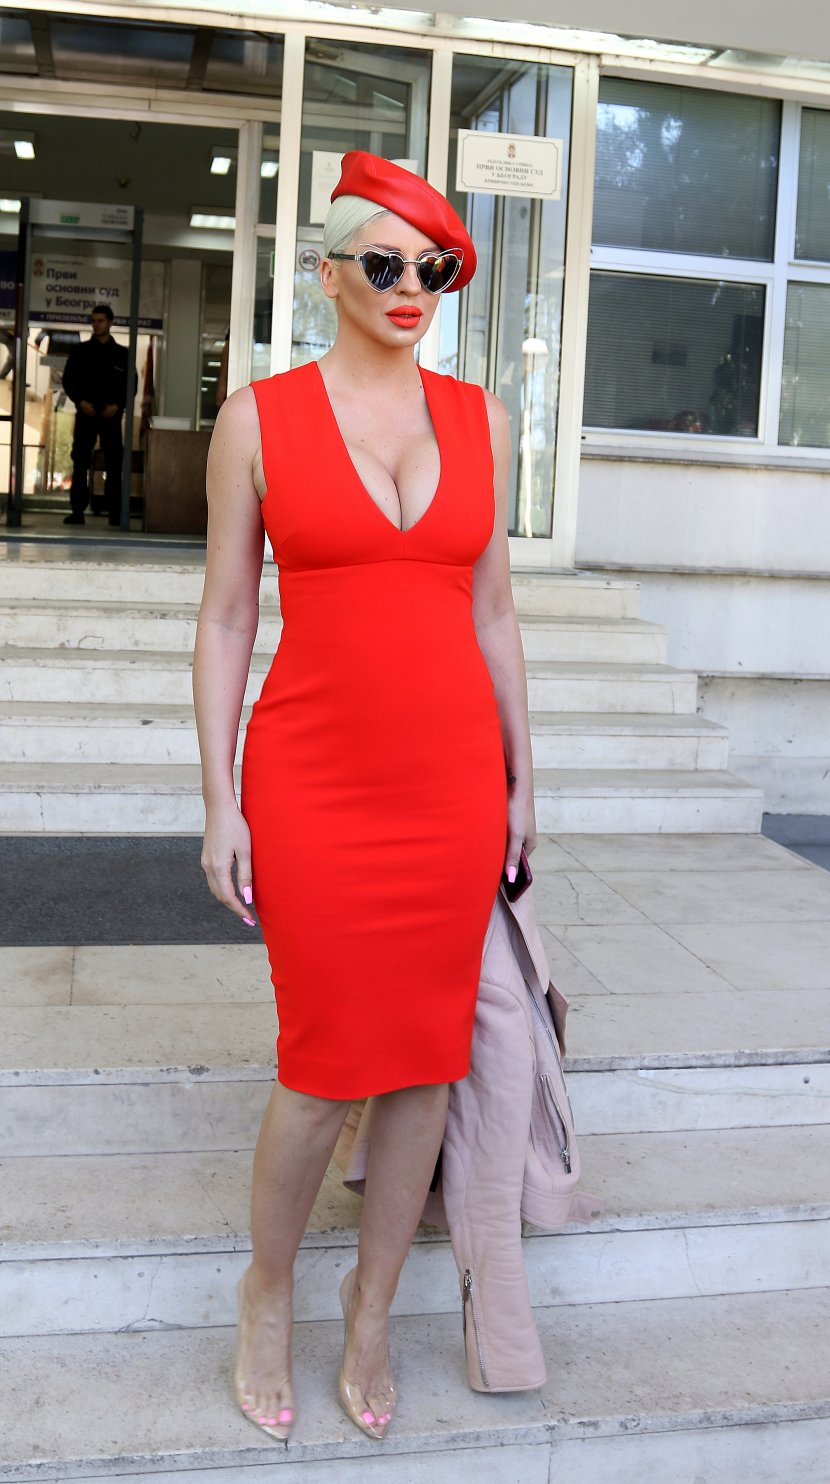 Jelena Karleuša suđenje, crvena haljina